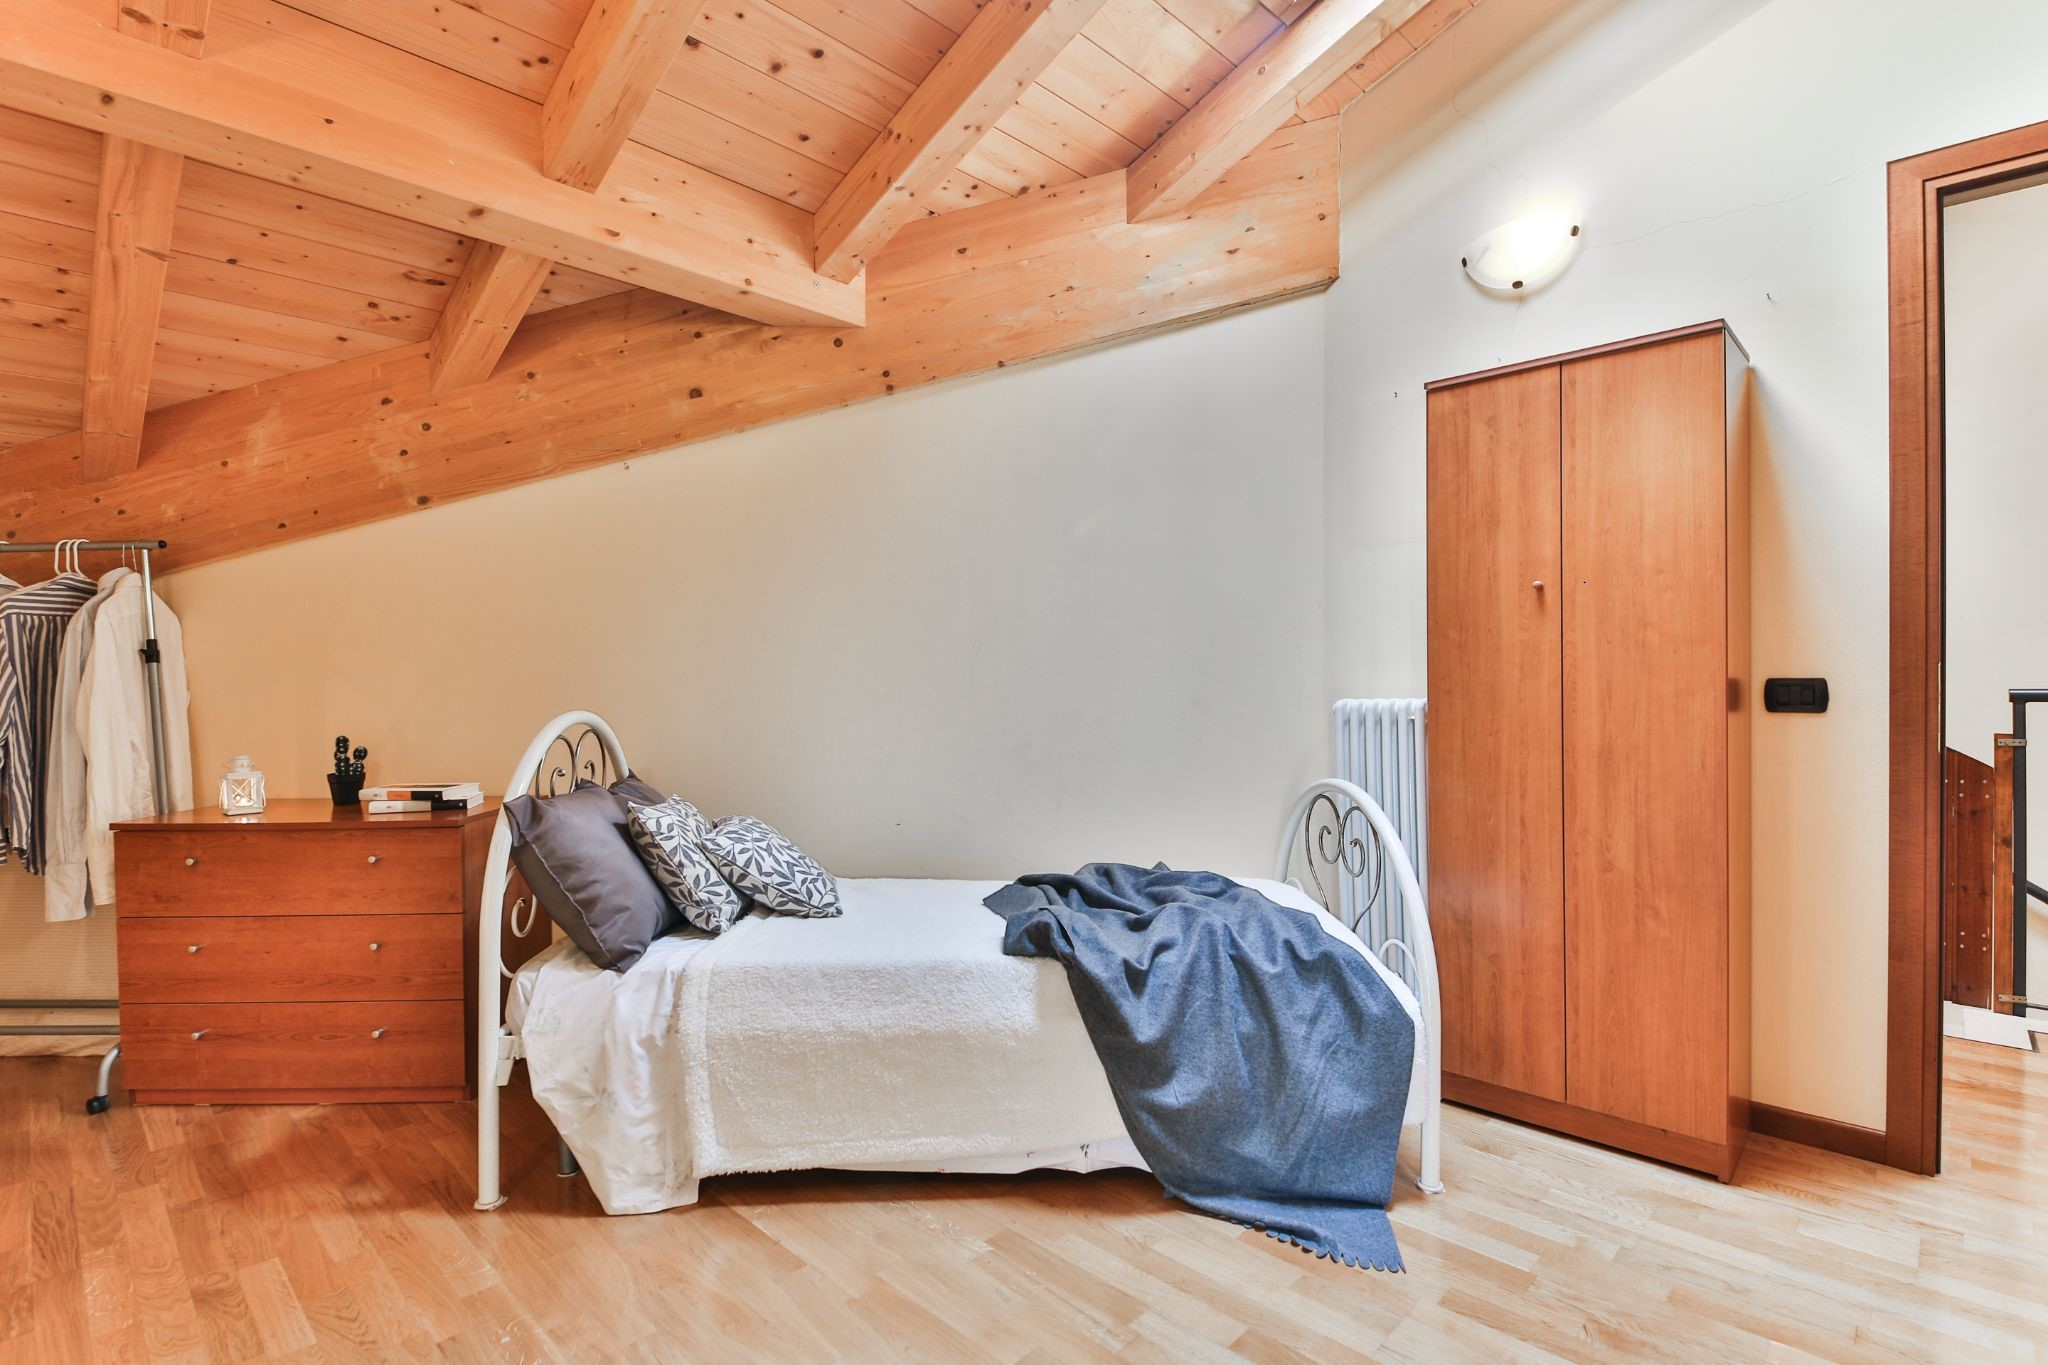 wooden rustic bedroom